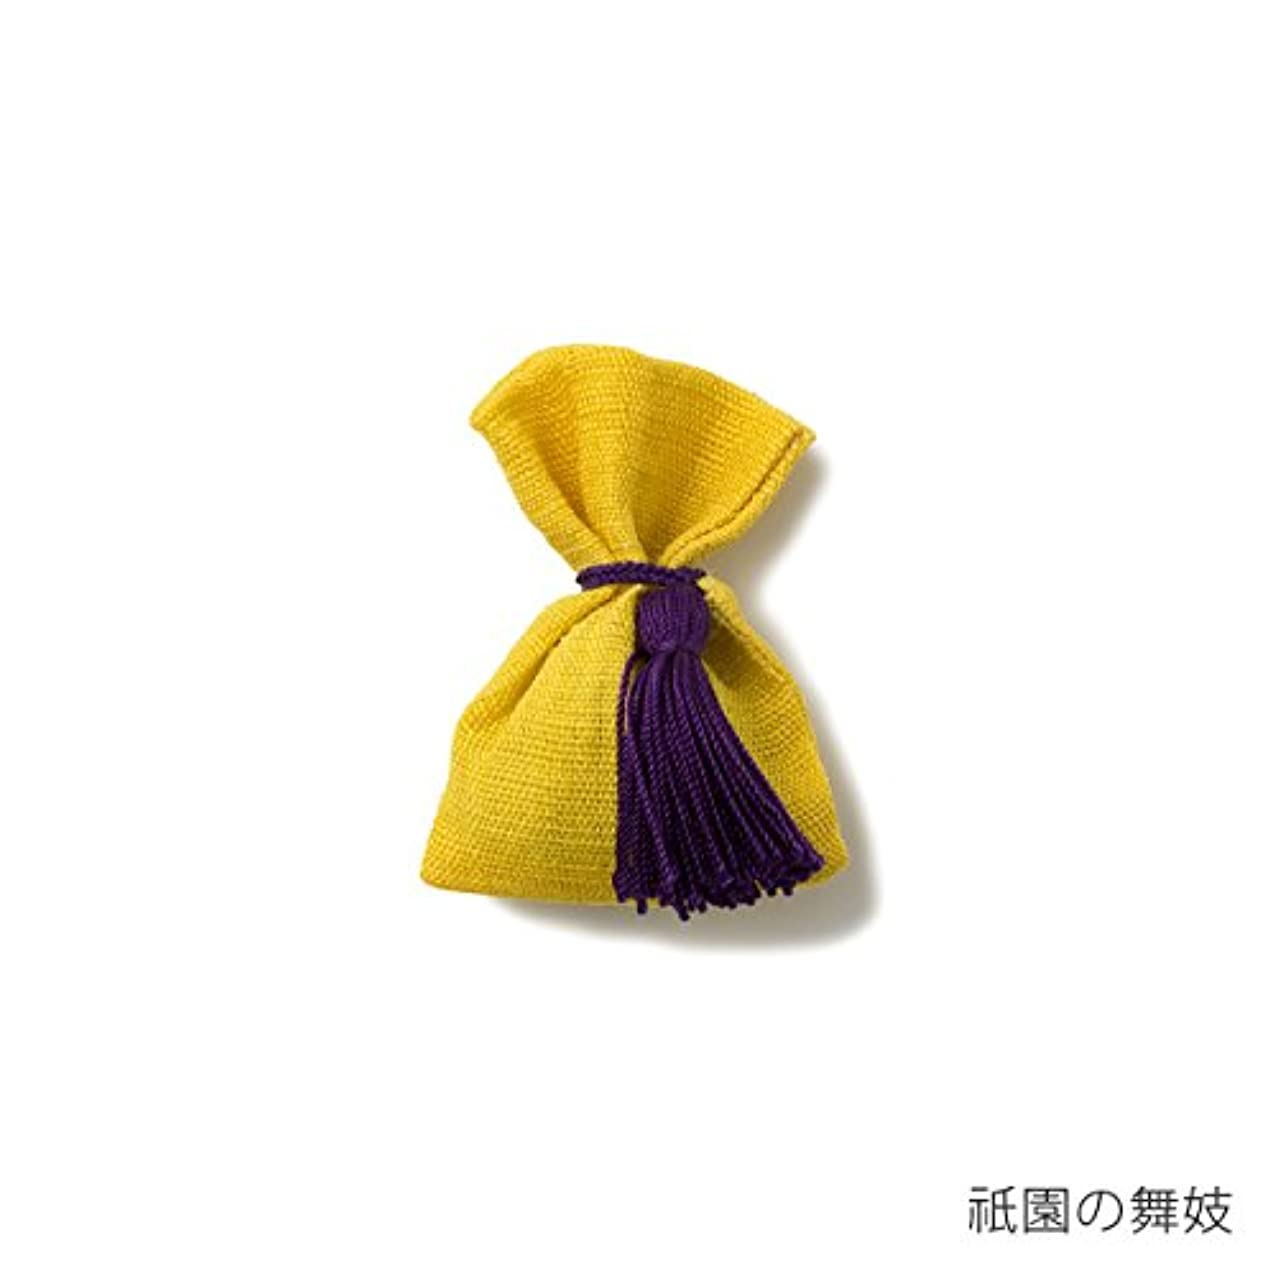 食い違い服を着るブラインド【薫玉堂】 京の香り 香袋 祇園の舞妓